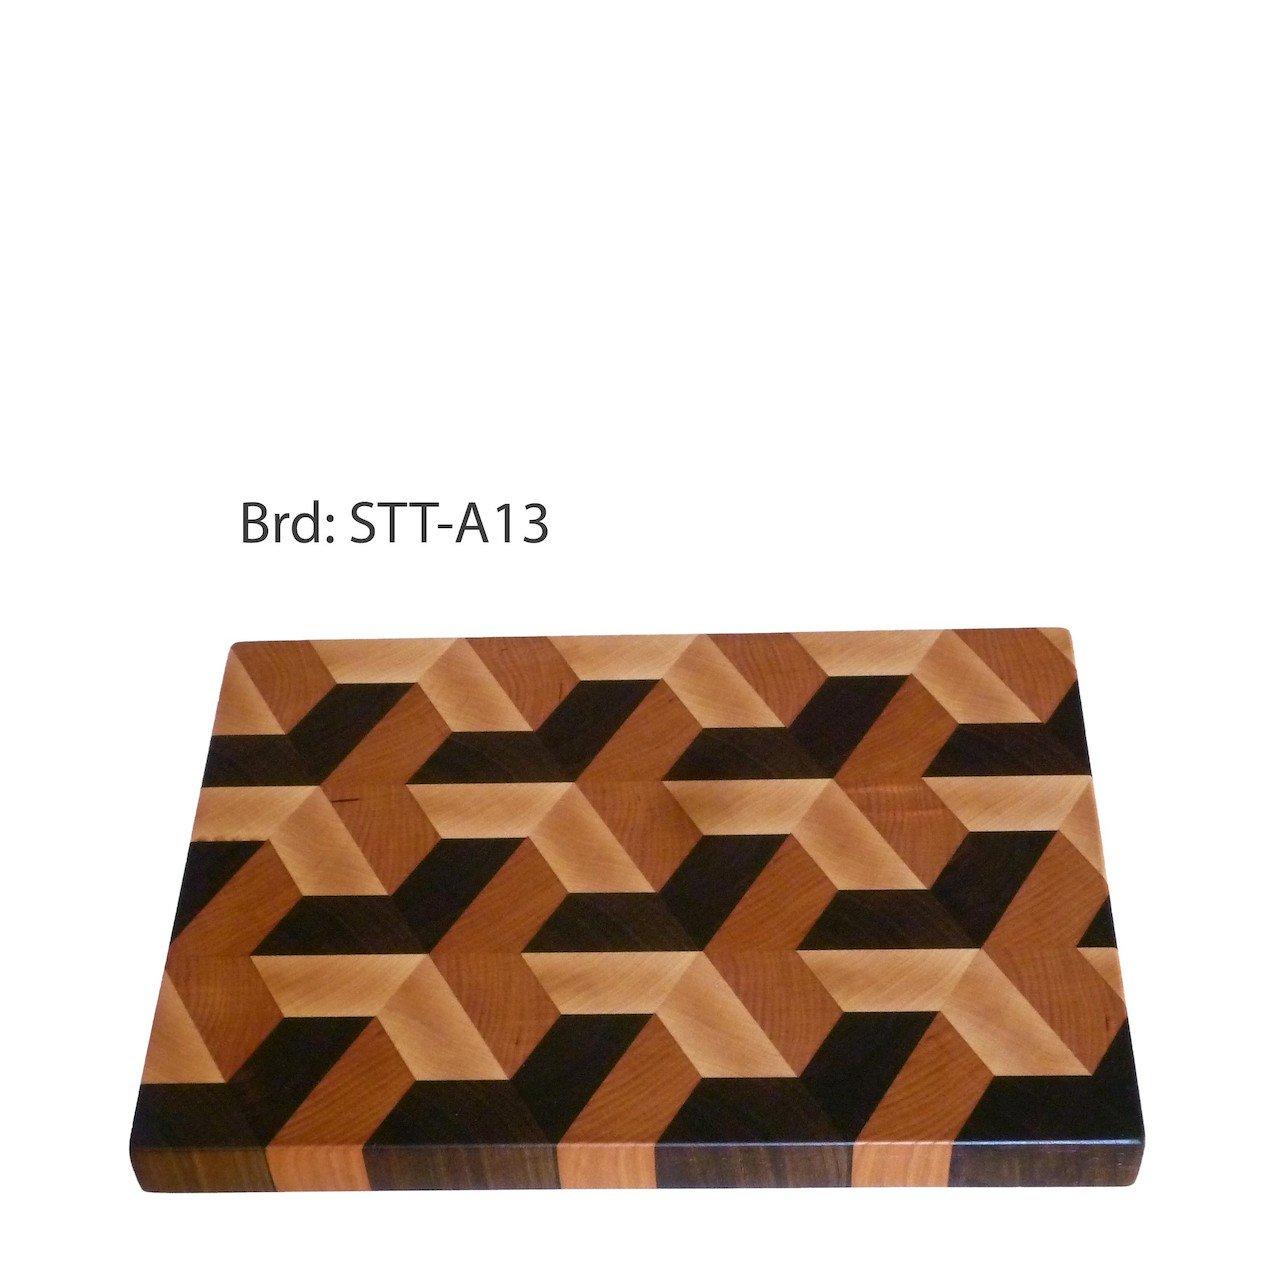 STTT-A13